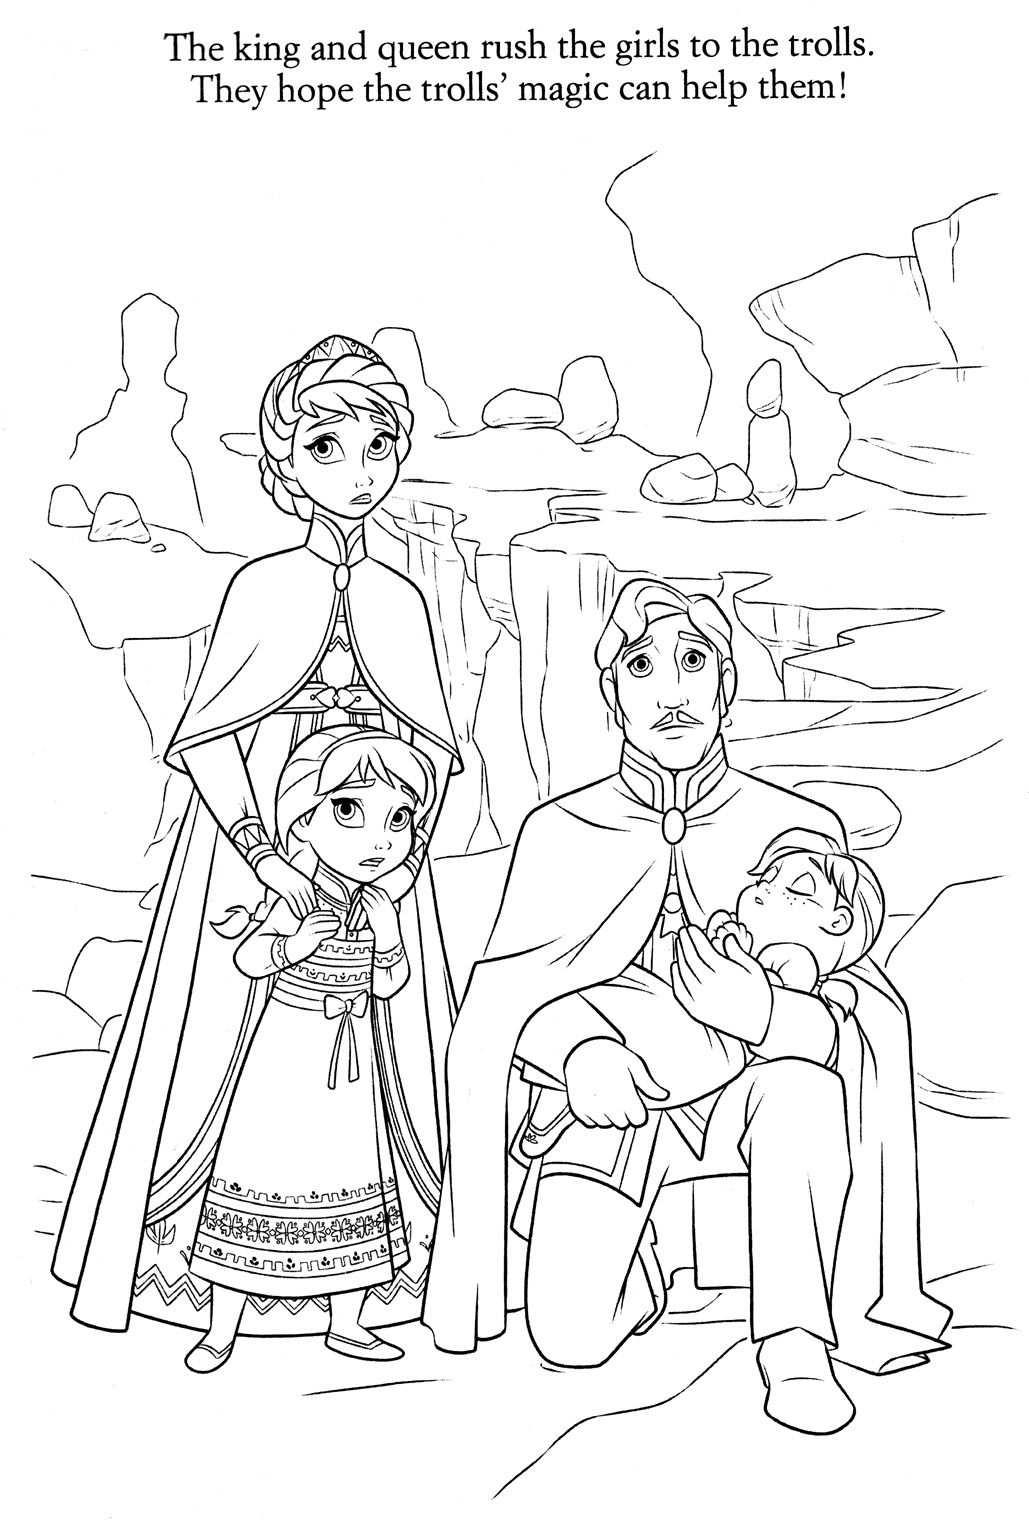 Disney Coloring Pages Disney Coloring Pages Disney Princess